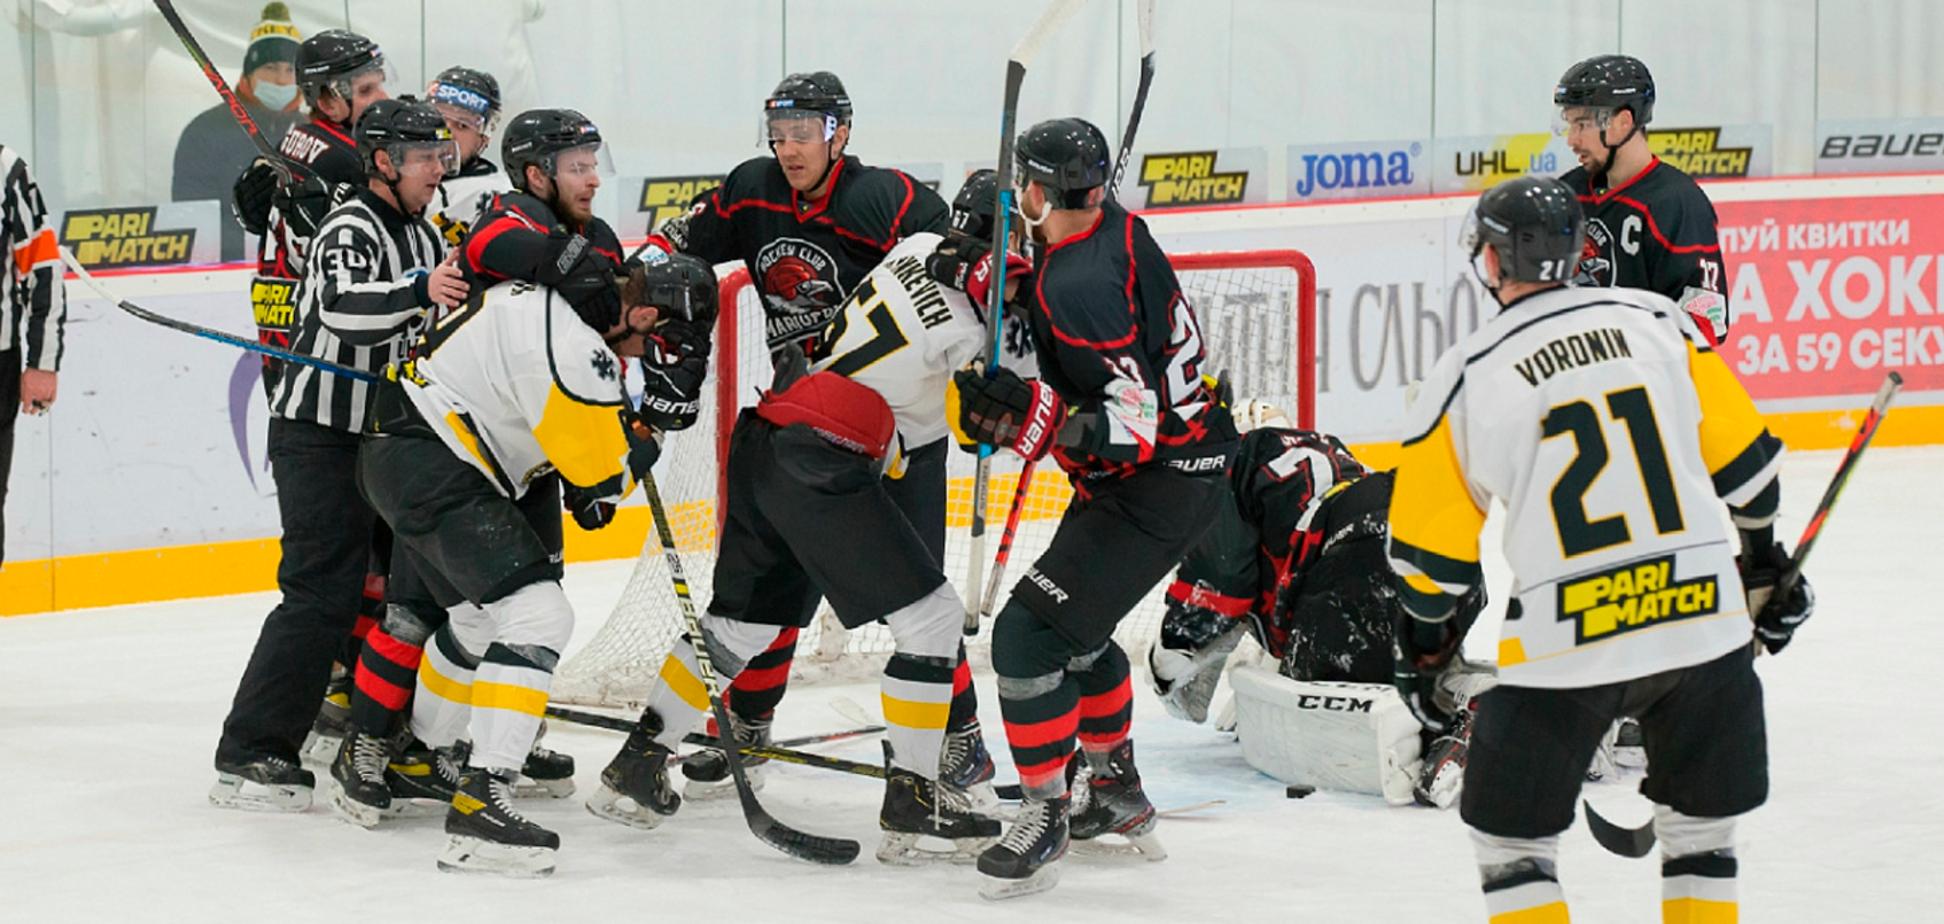 Бійка в чемпіонаті України з хокею